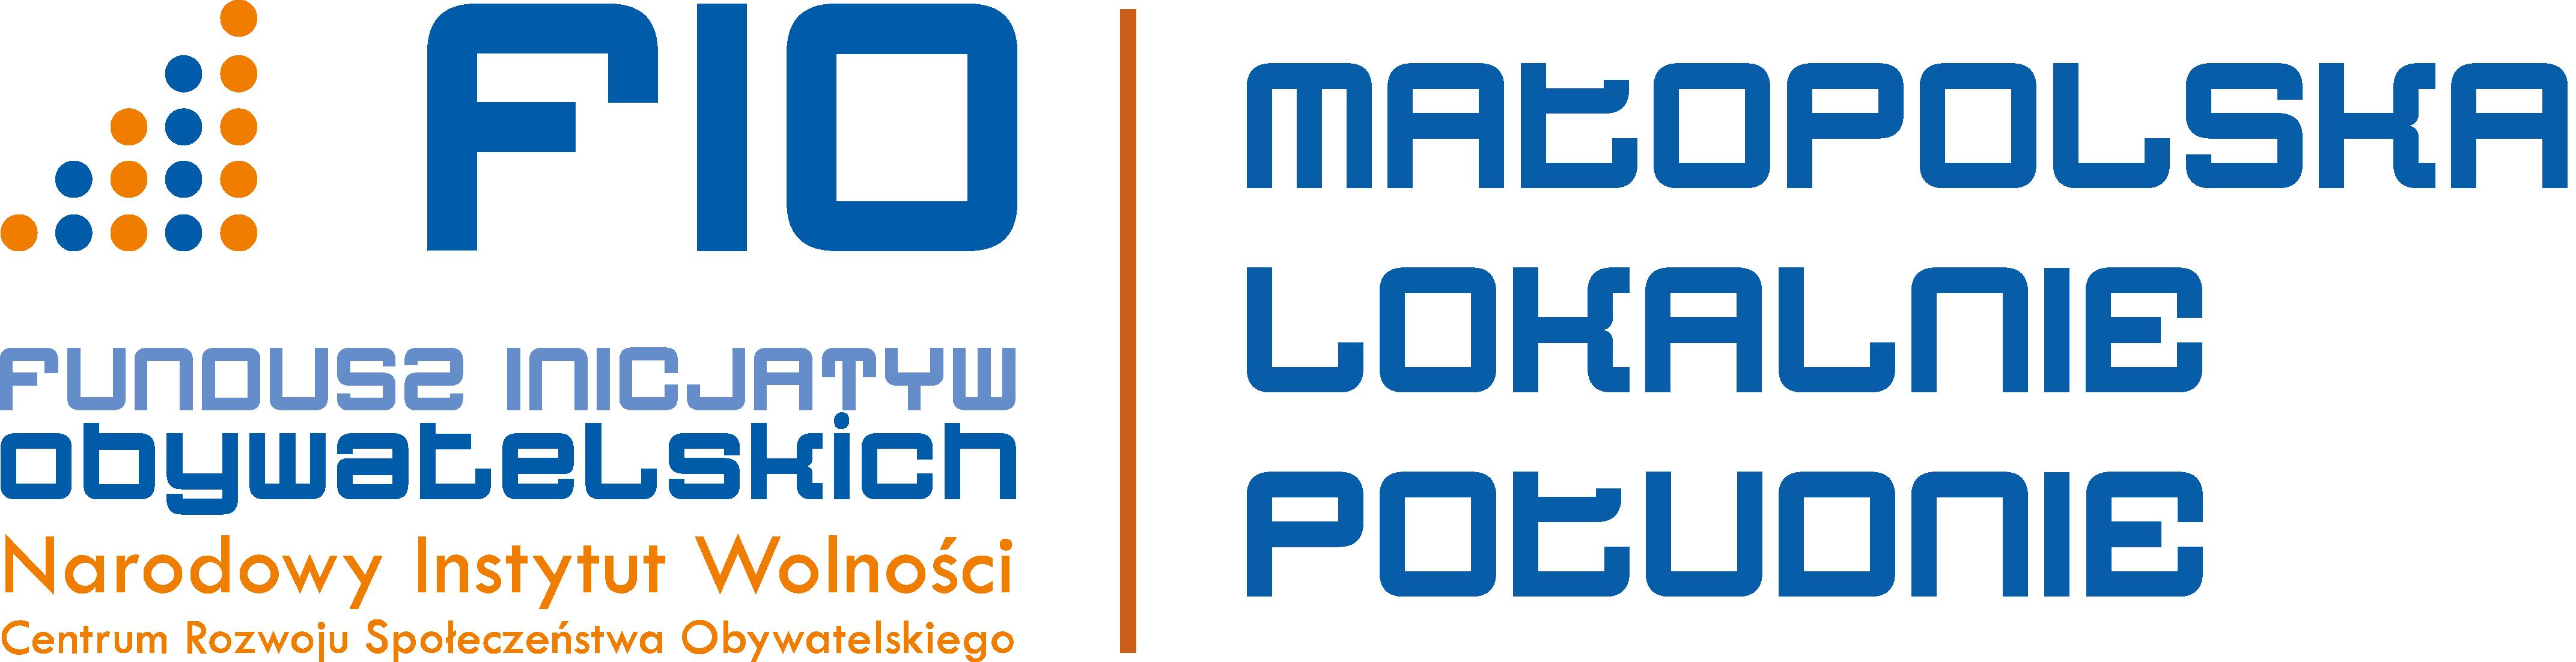 logo_fio_nowe 11png